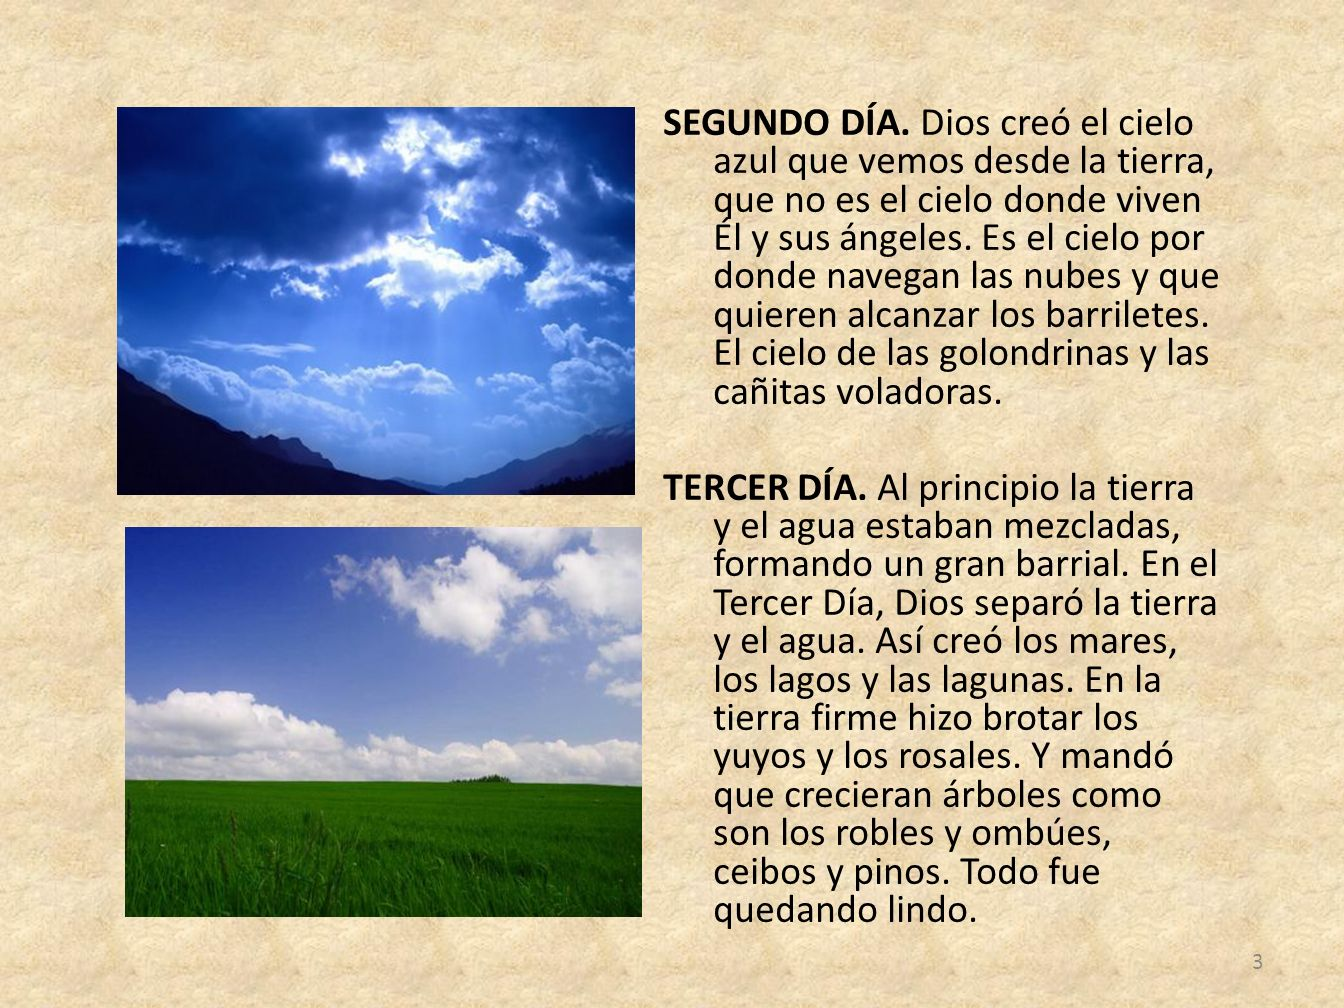 SEGUNDO DÍA. Dios creó el cielo azul que vemos desde la tierra, que no es el cielo donde viven Él y sus ángeles. Es el cielo por donde navegan las nub